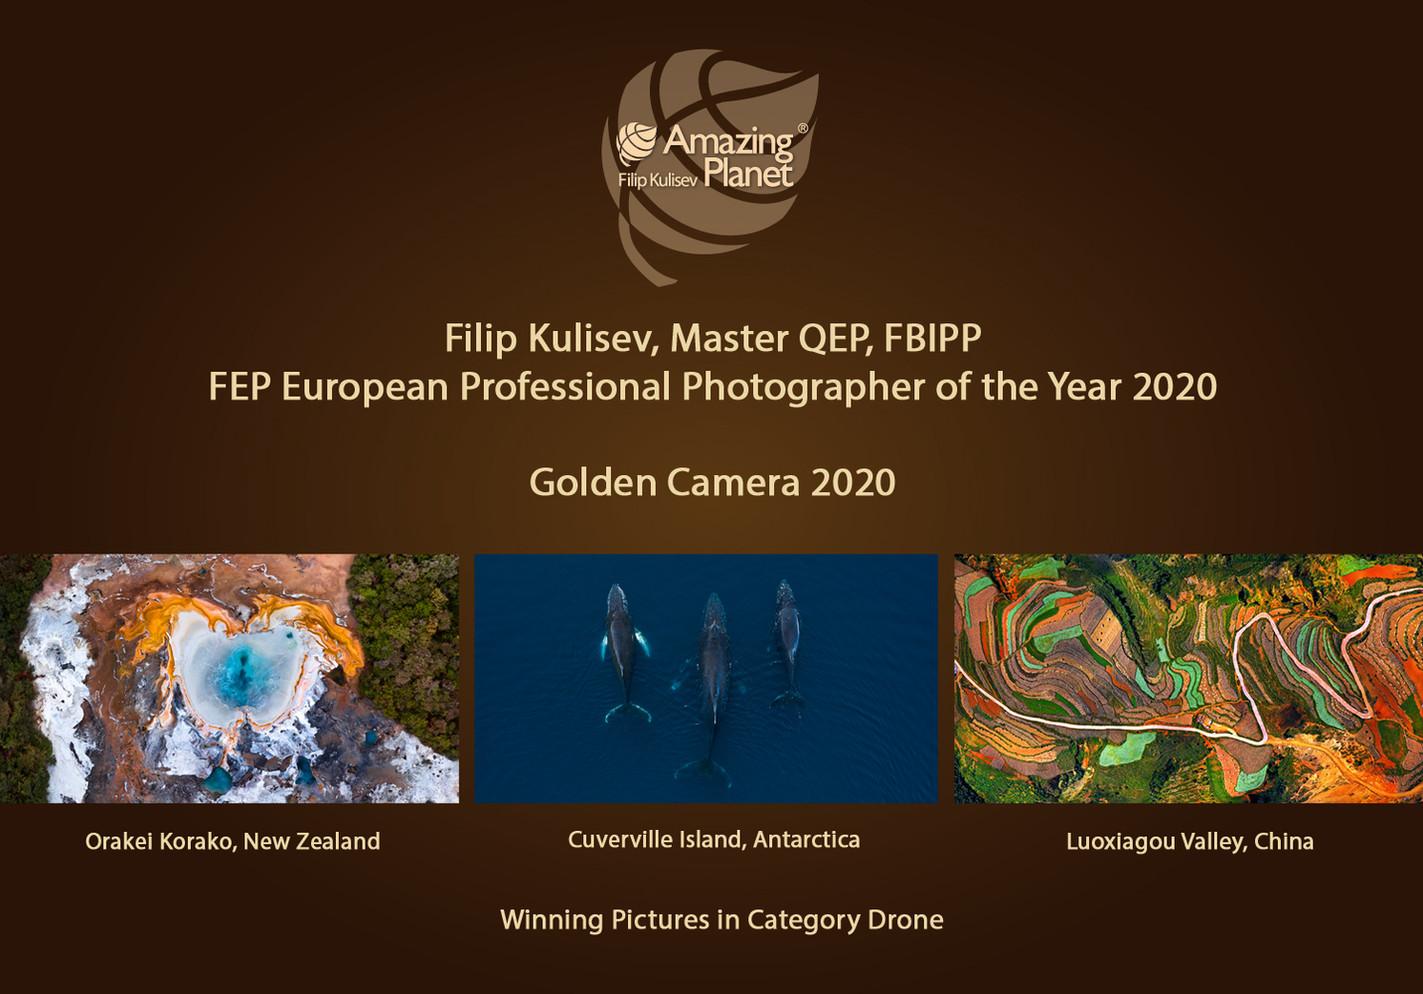 Golden Camera 2020.jpg